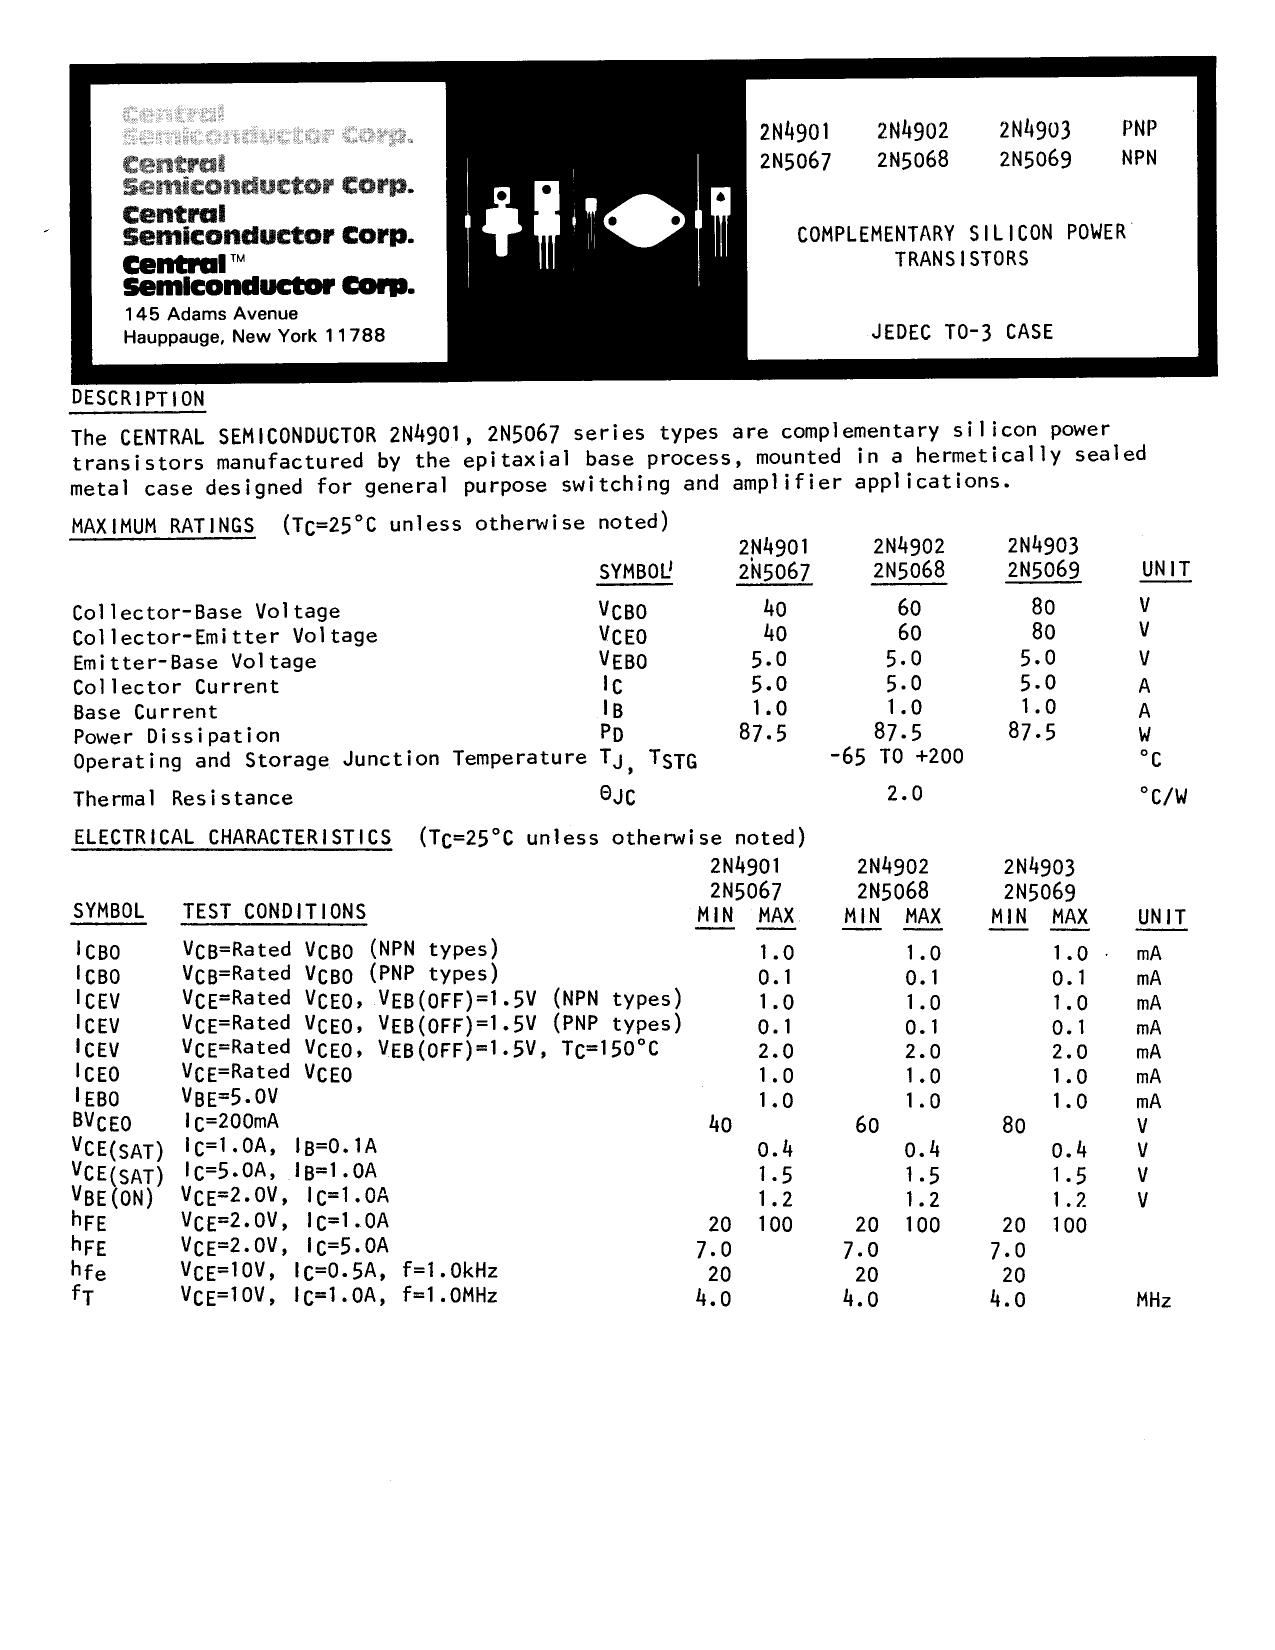 2N4902 دیتاشیت PDF